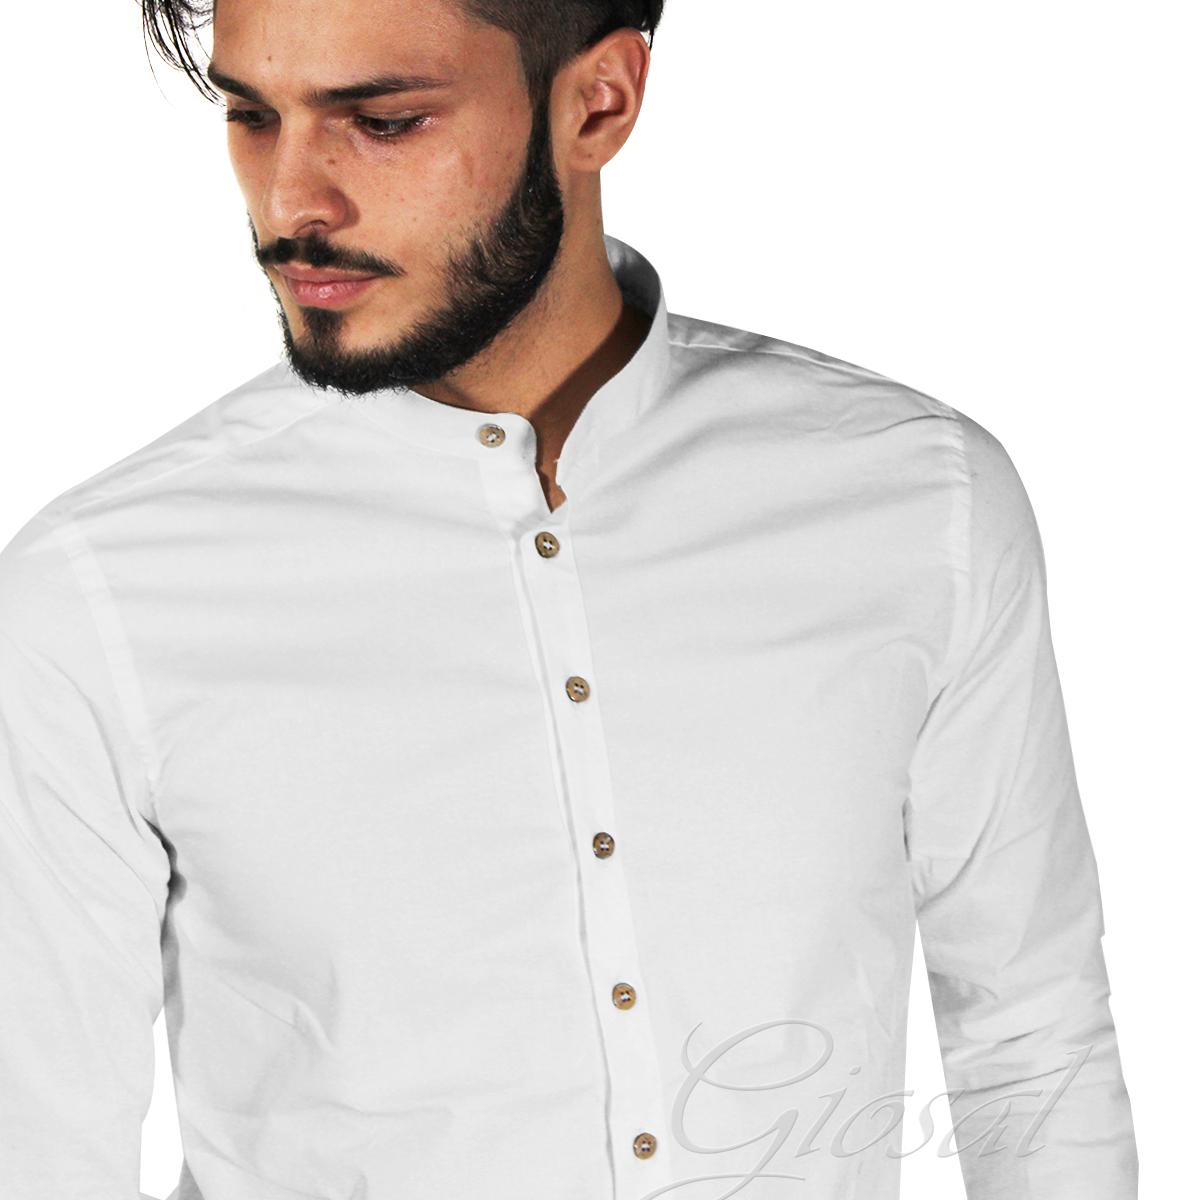 Camicia-Uomo-Over-D-Bottoni-Collo-Coreano-Tinta-Unita-Vari-Colori-Casual-GIOSAL miniatura 11